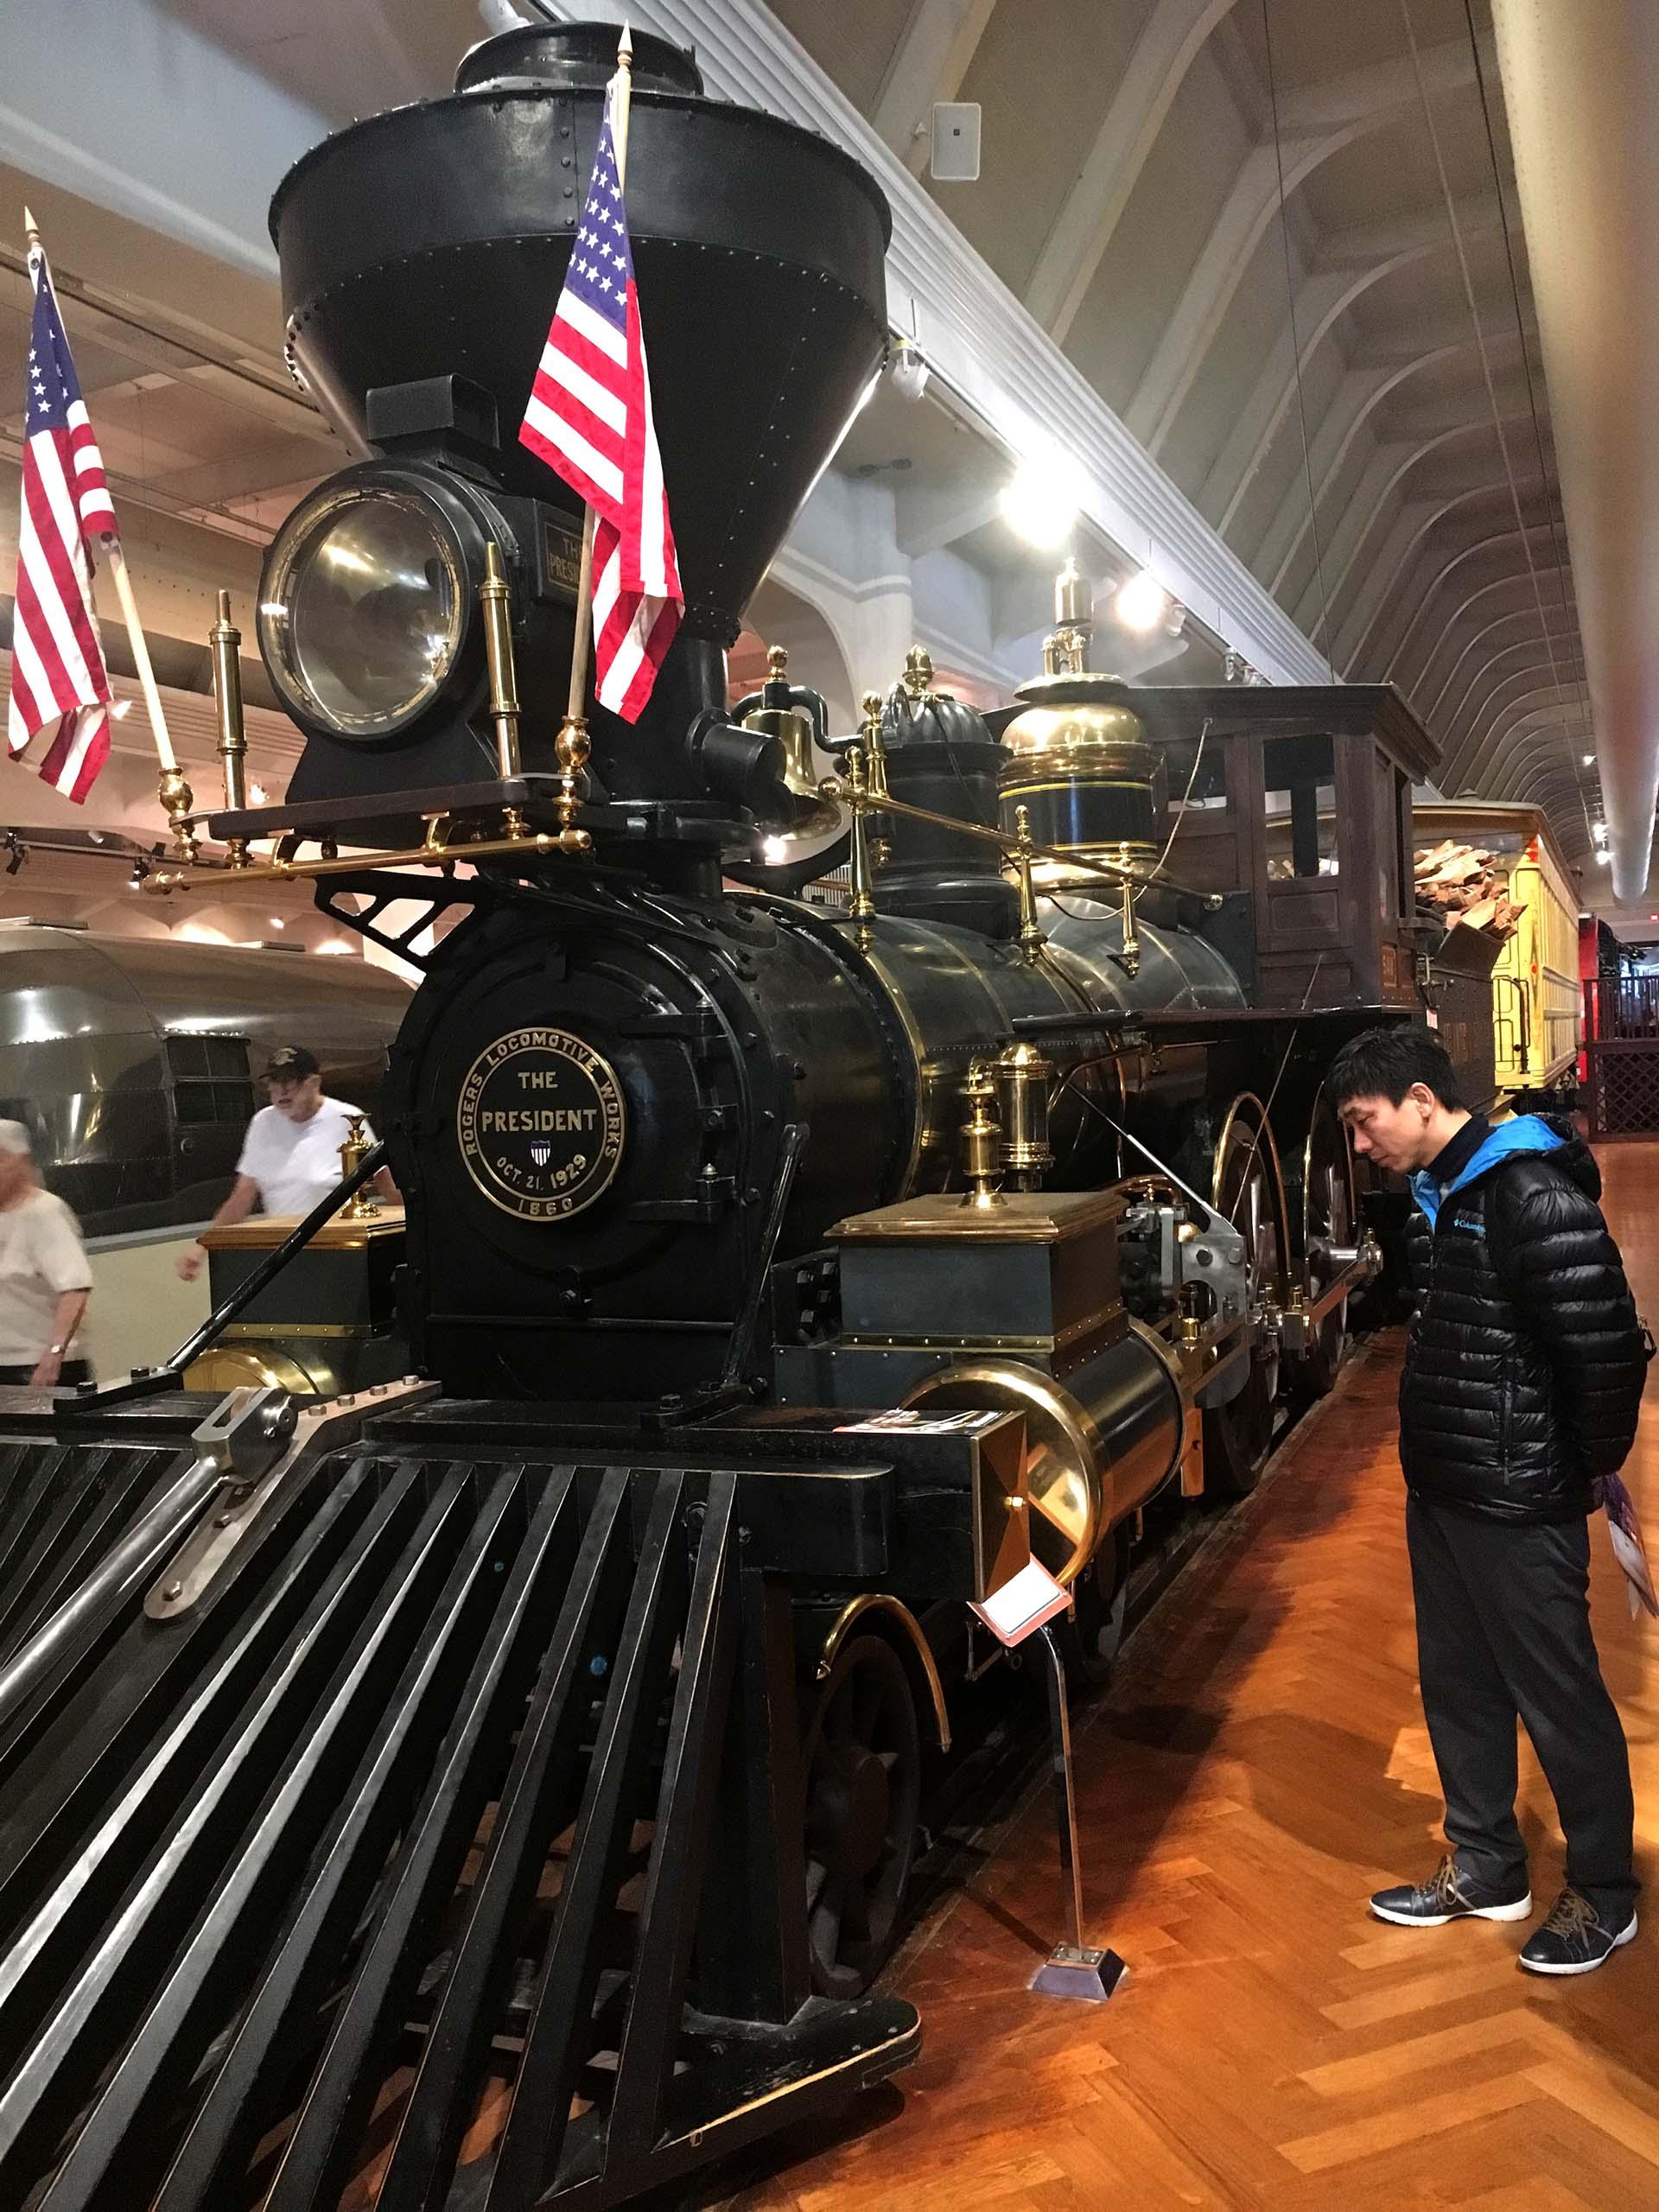 The President, la locomotora que trasladaba a mandatarios norteamericanos (Infobae)